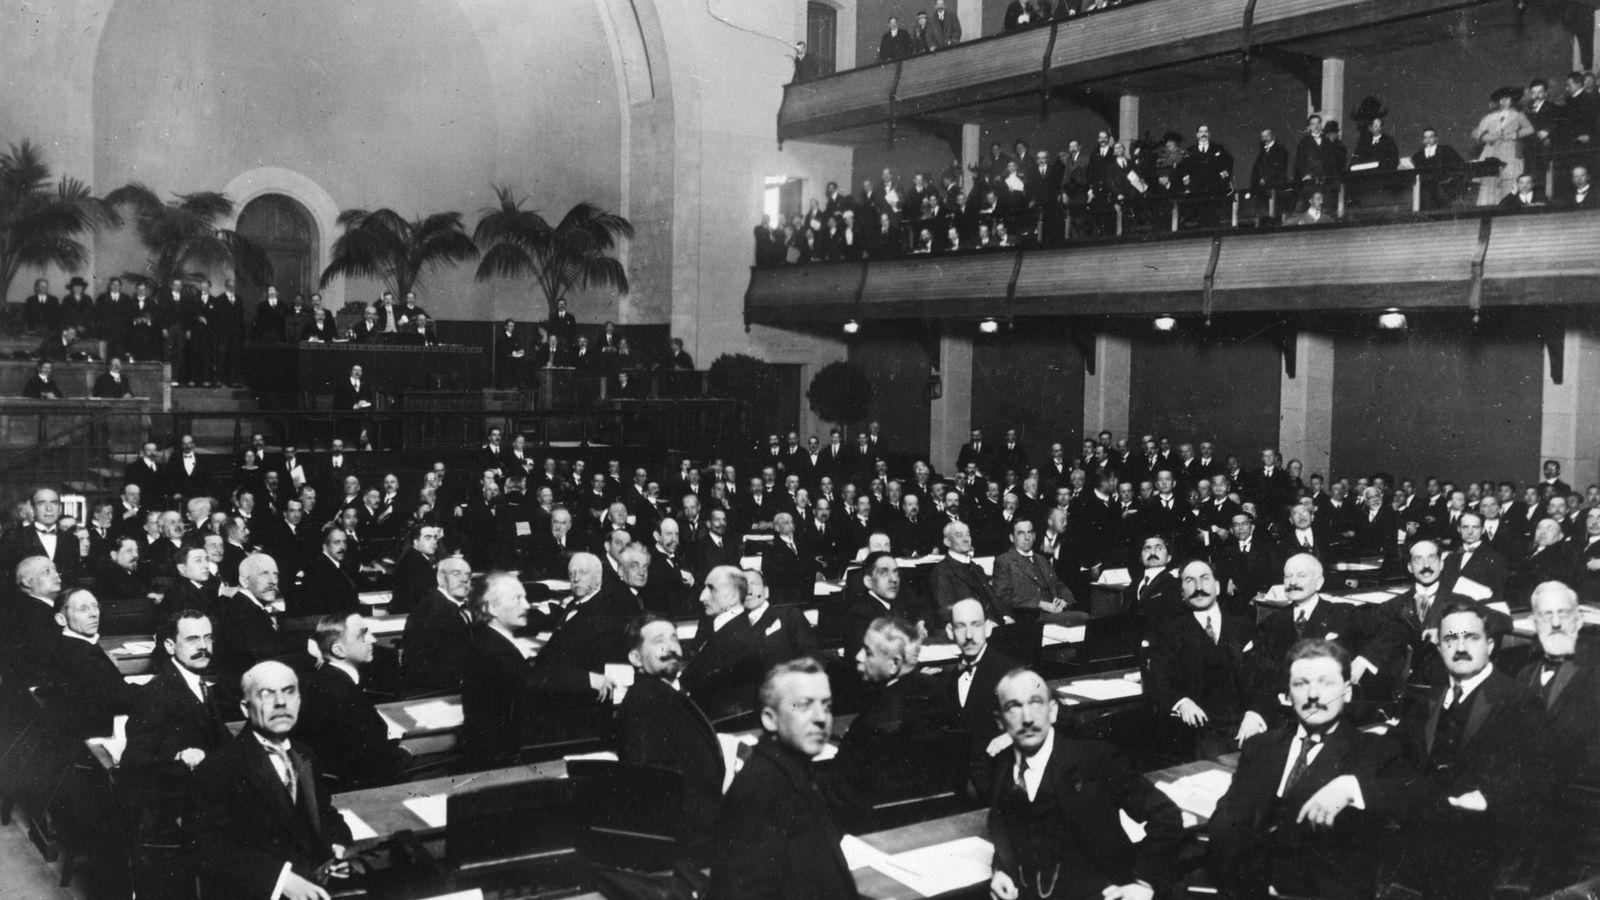 Membros da Sociedade das Nações reunidos em Genebra, na Suíça, em 1920.